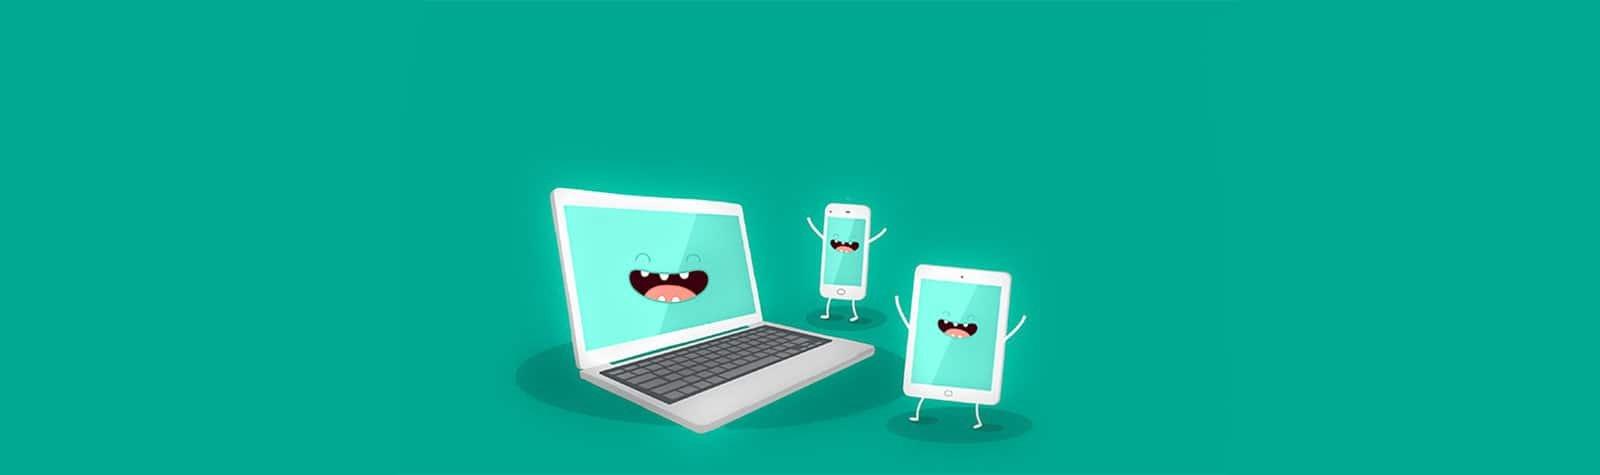 Η επιτυχία κρύβεται σε μια φιλική προς τα κινητά ιστοσελίδα